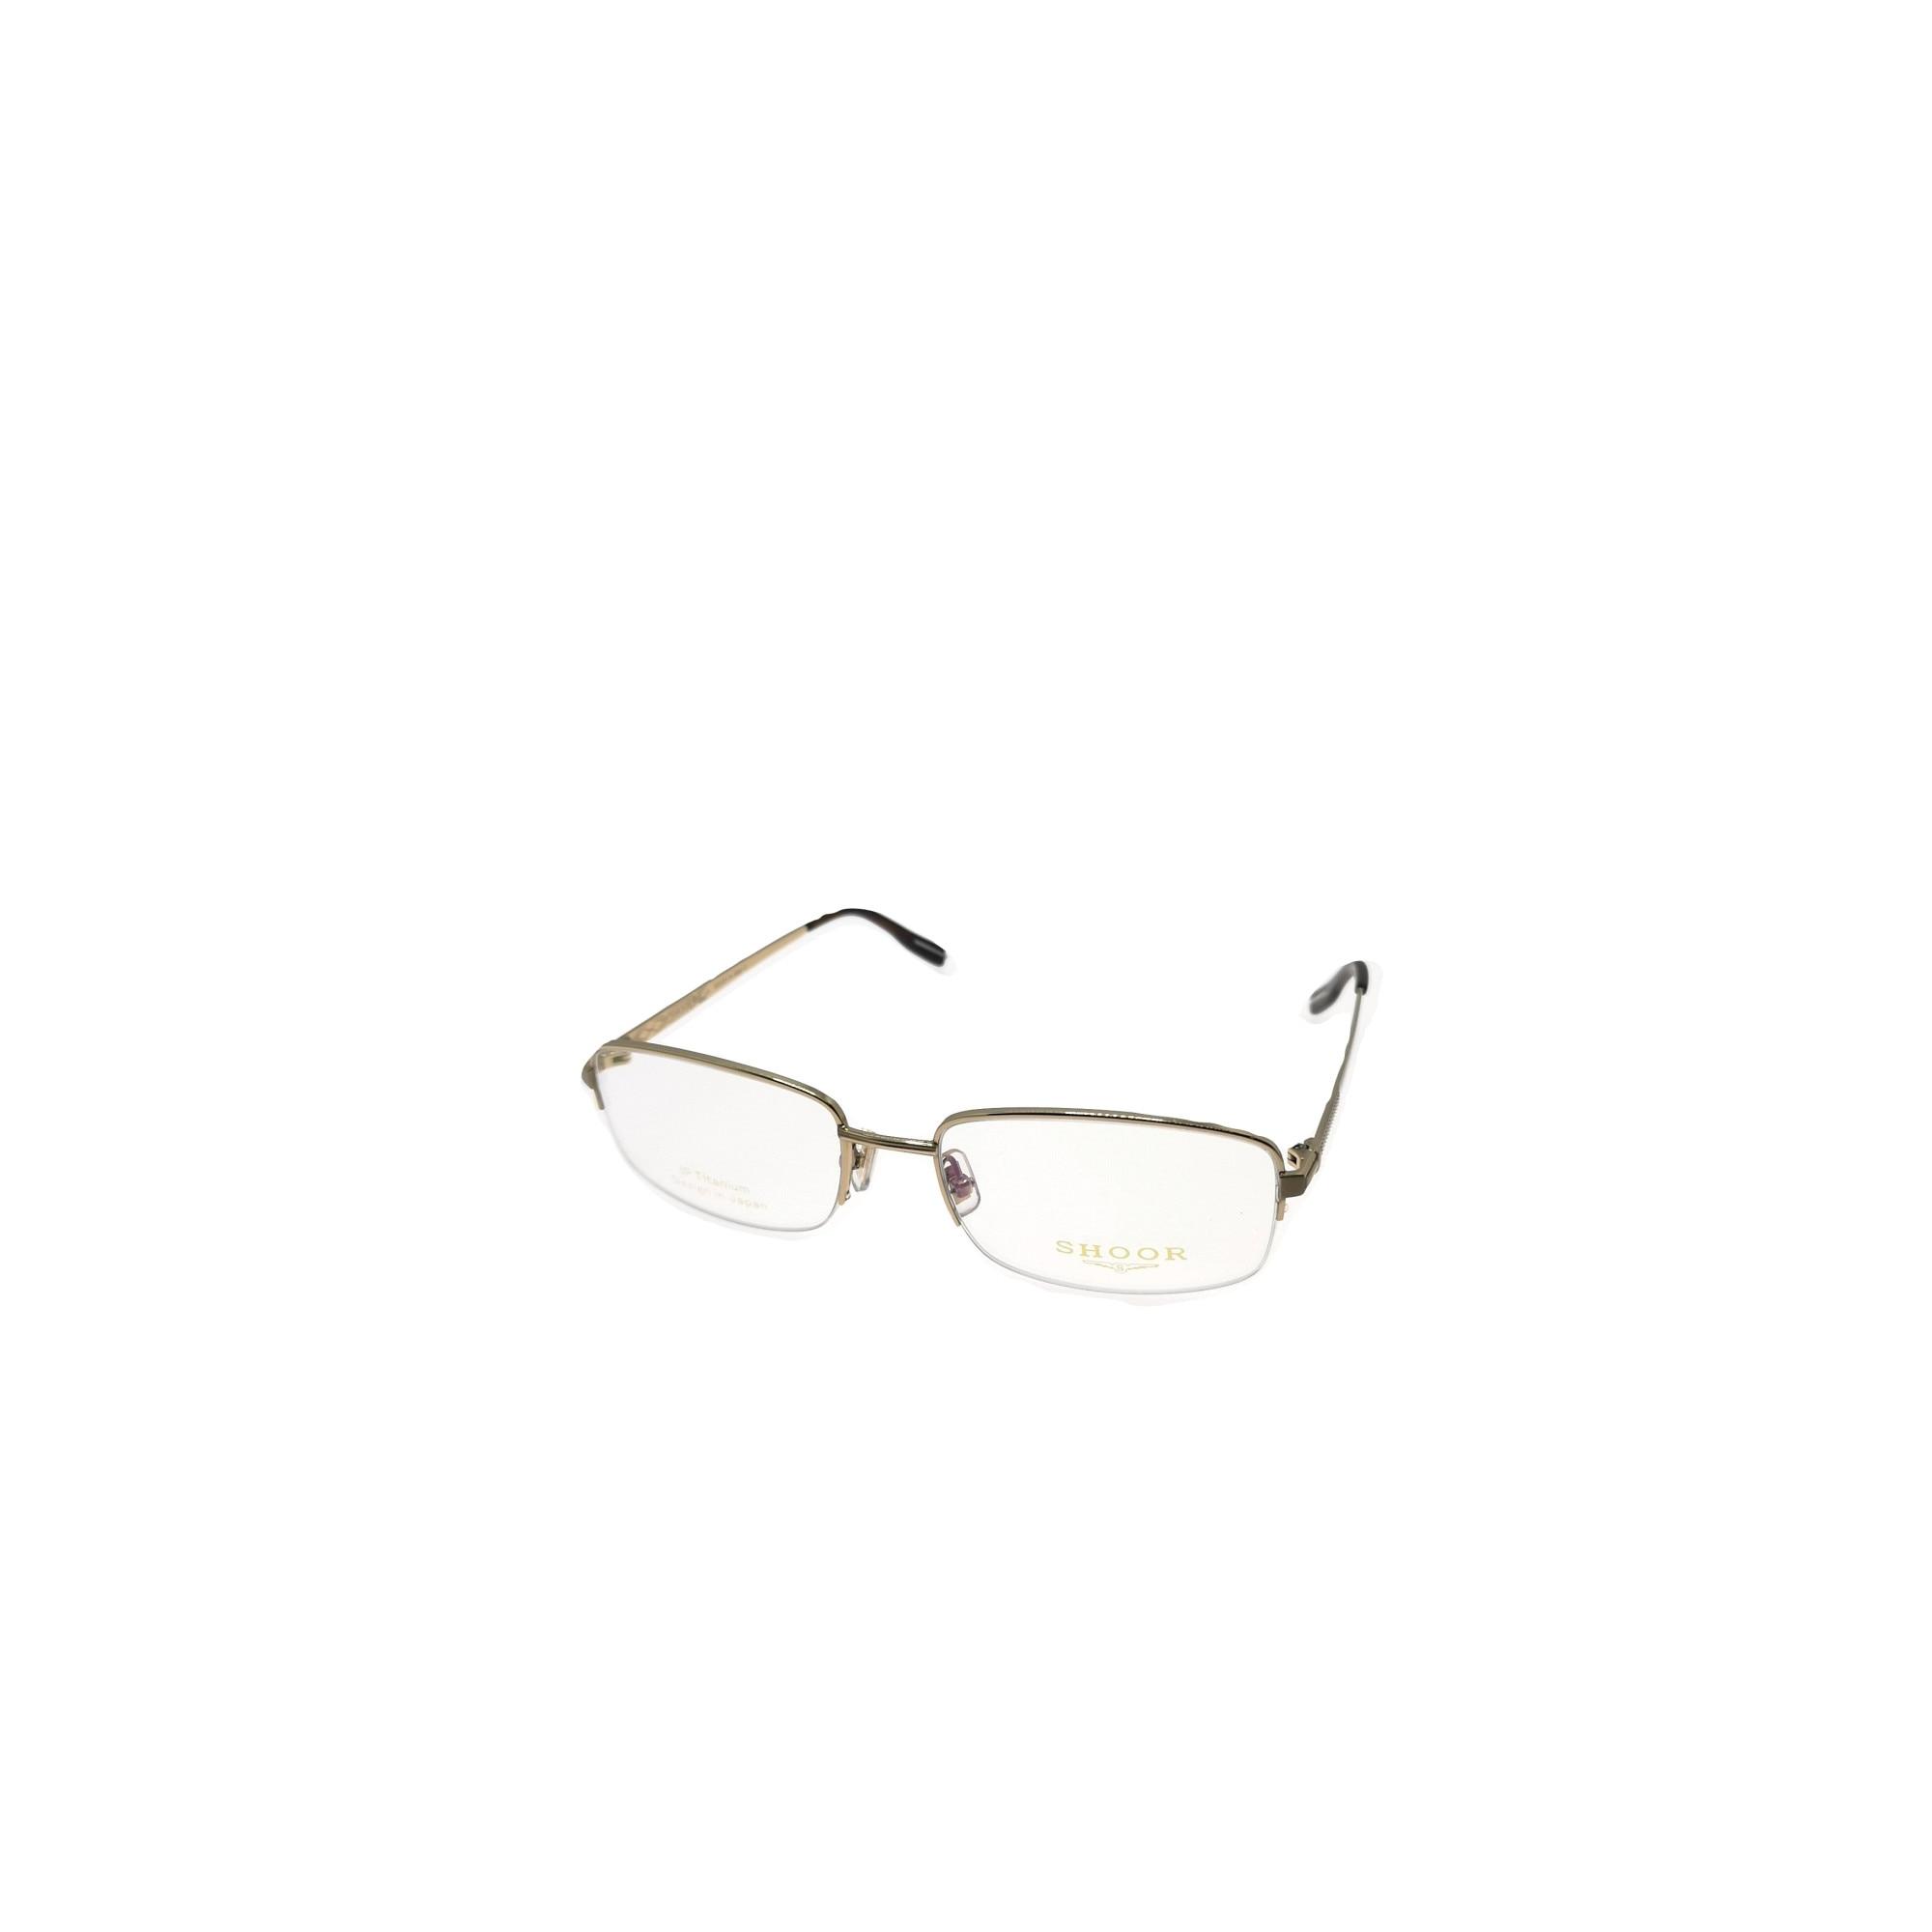 Prezentare de miopie și ochelari hiperopie despre fizică - Schema hiperopie